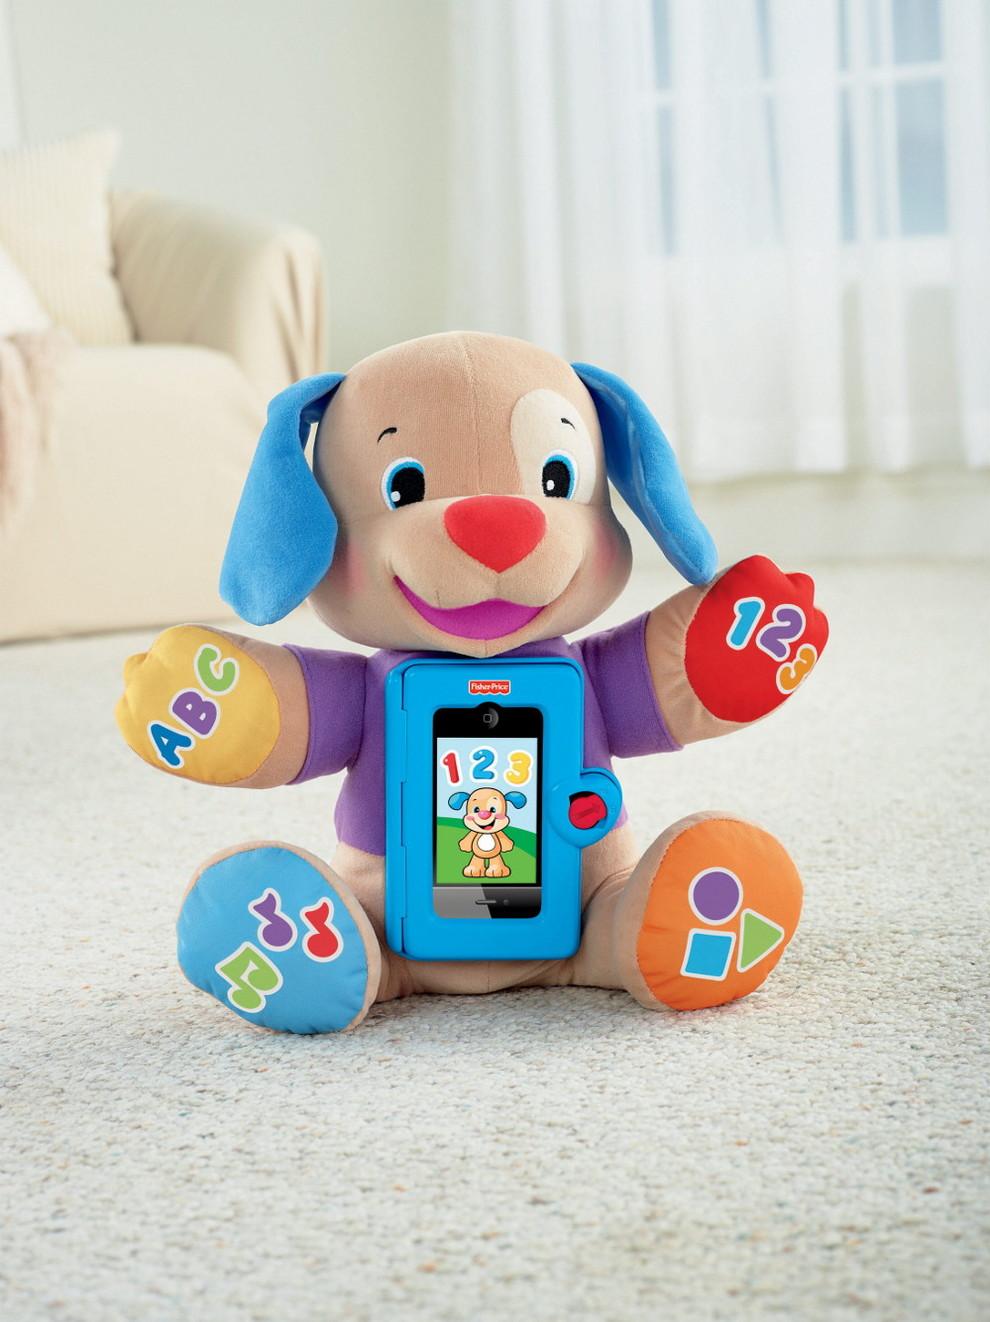 La feria del juguete muestra las novedades tecnol gicas for Las novedades